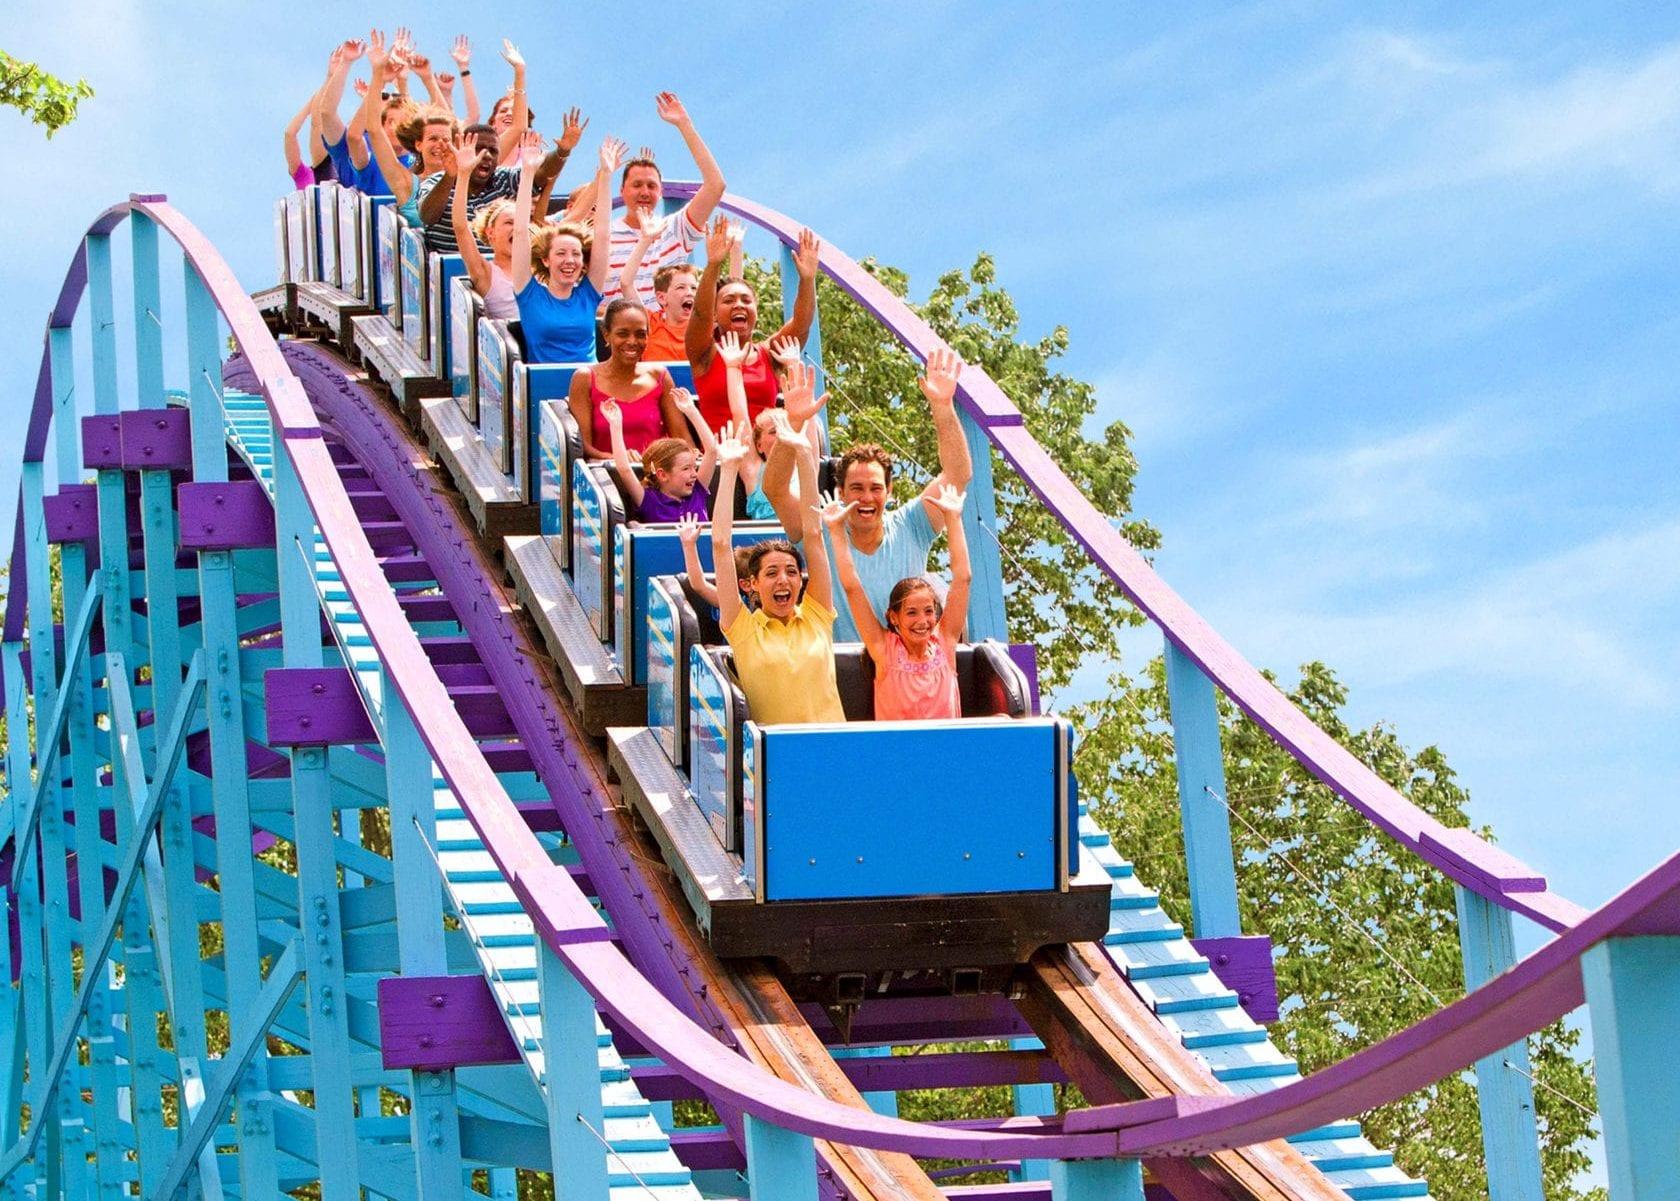 Dutch Wonderland rollercoaster